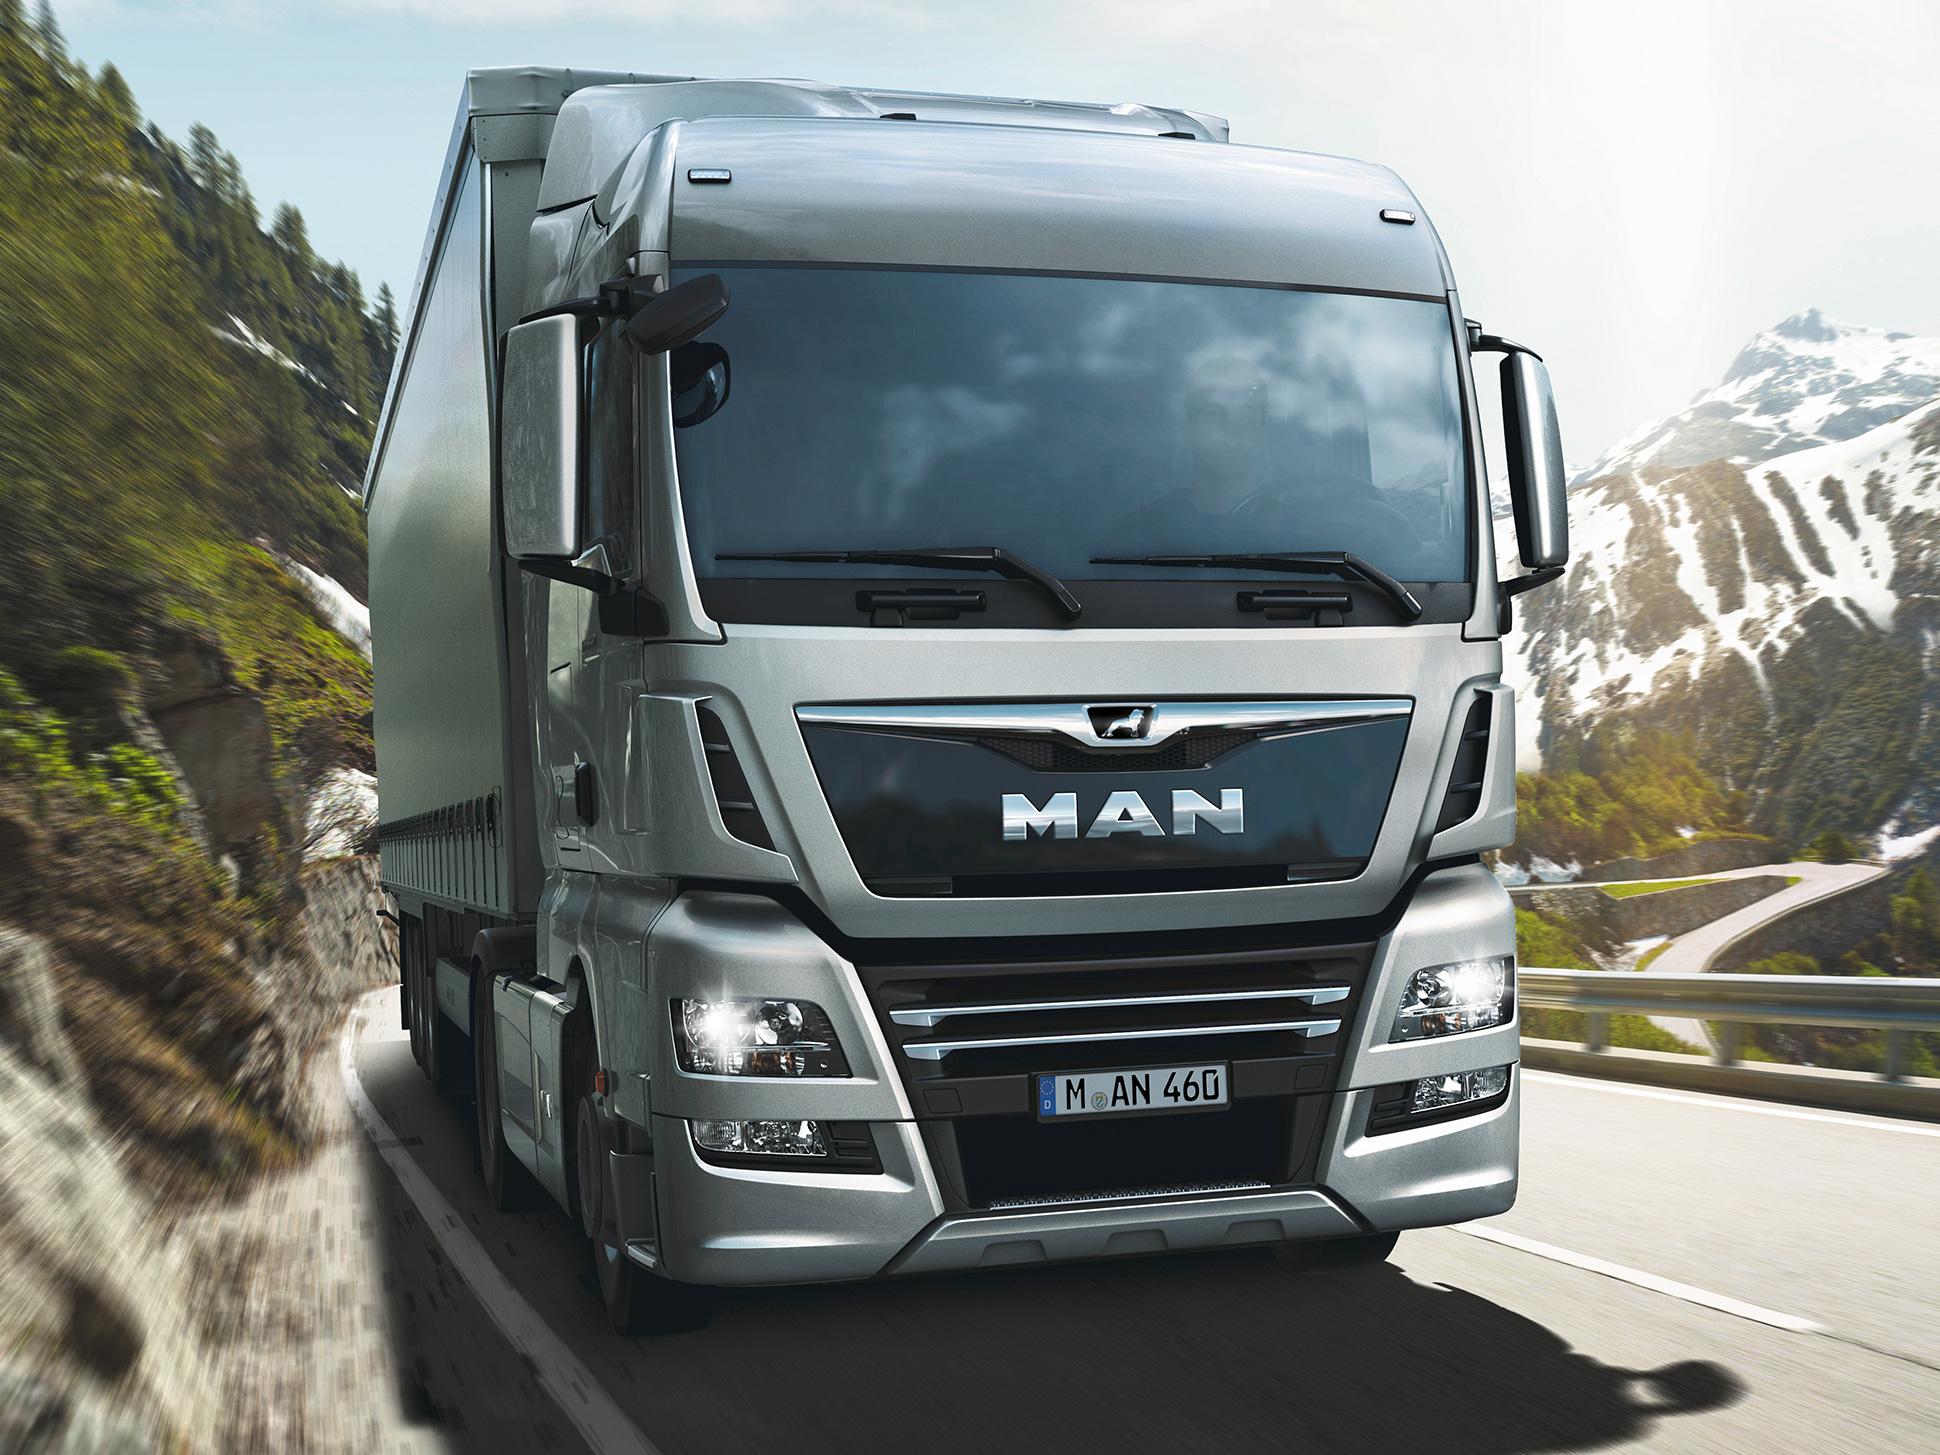 Pinetown Man Truck South Africa